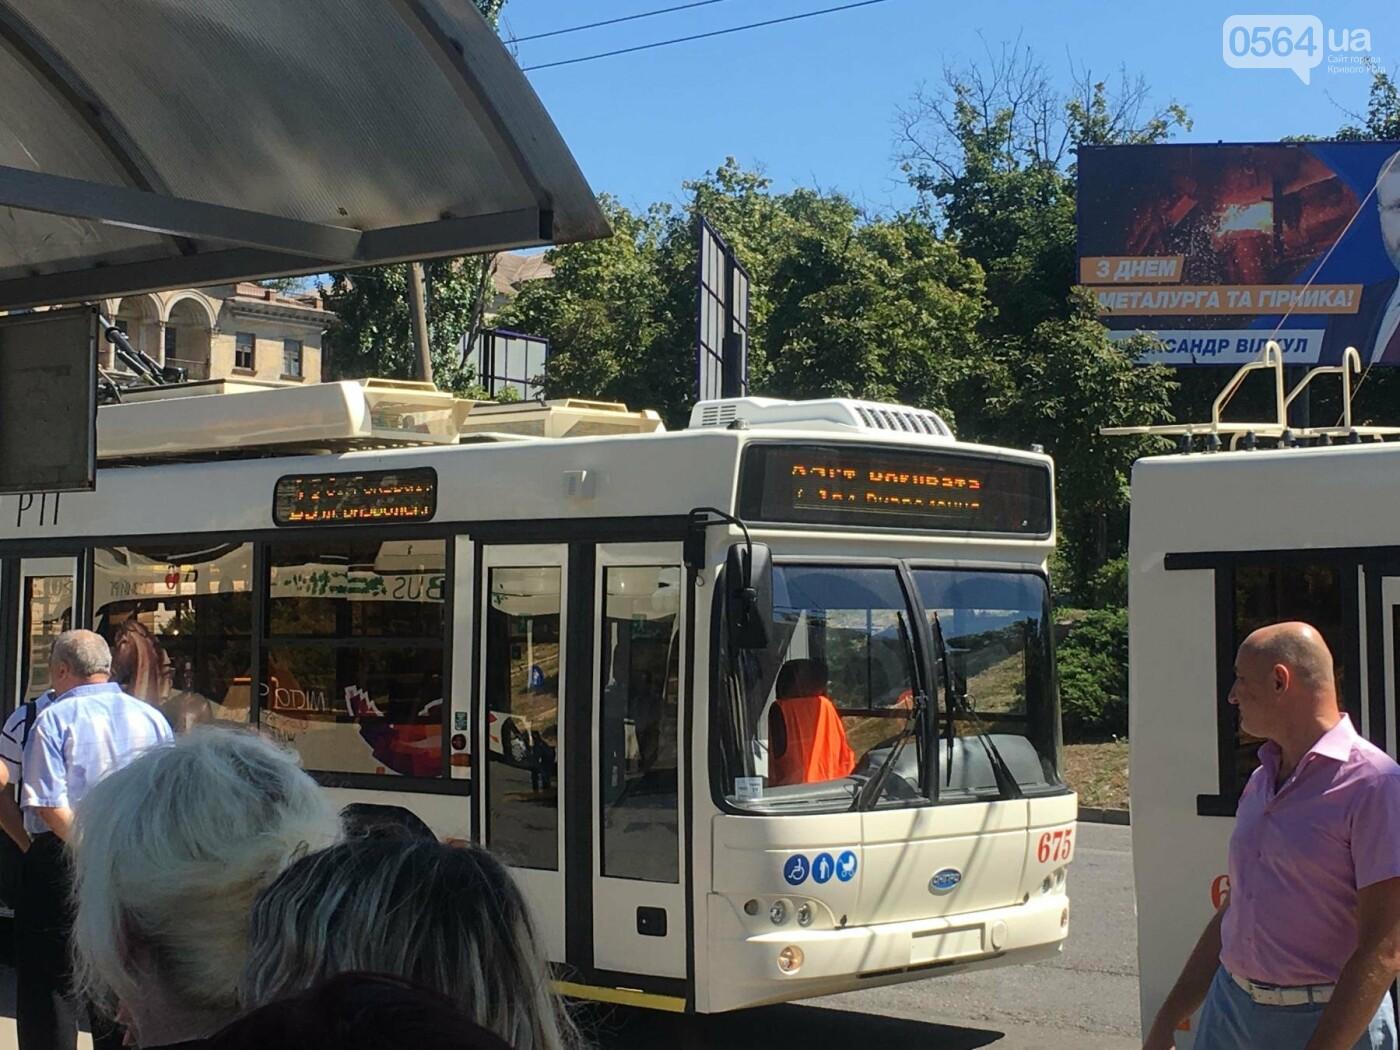 Как в Кривом Роге торжественно вручили водителям ключи от новых троллейбусов и автобусов, - ФОТО, ВИДЕО, фото-40